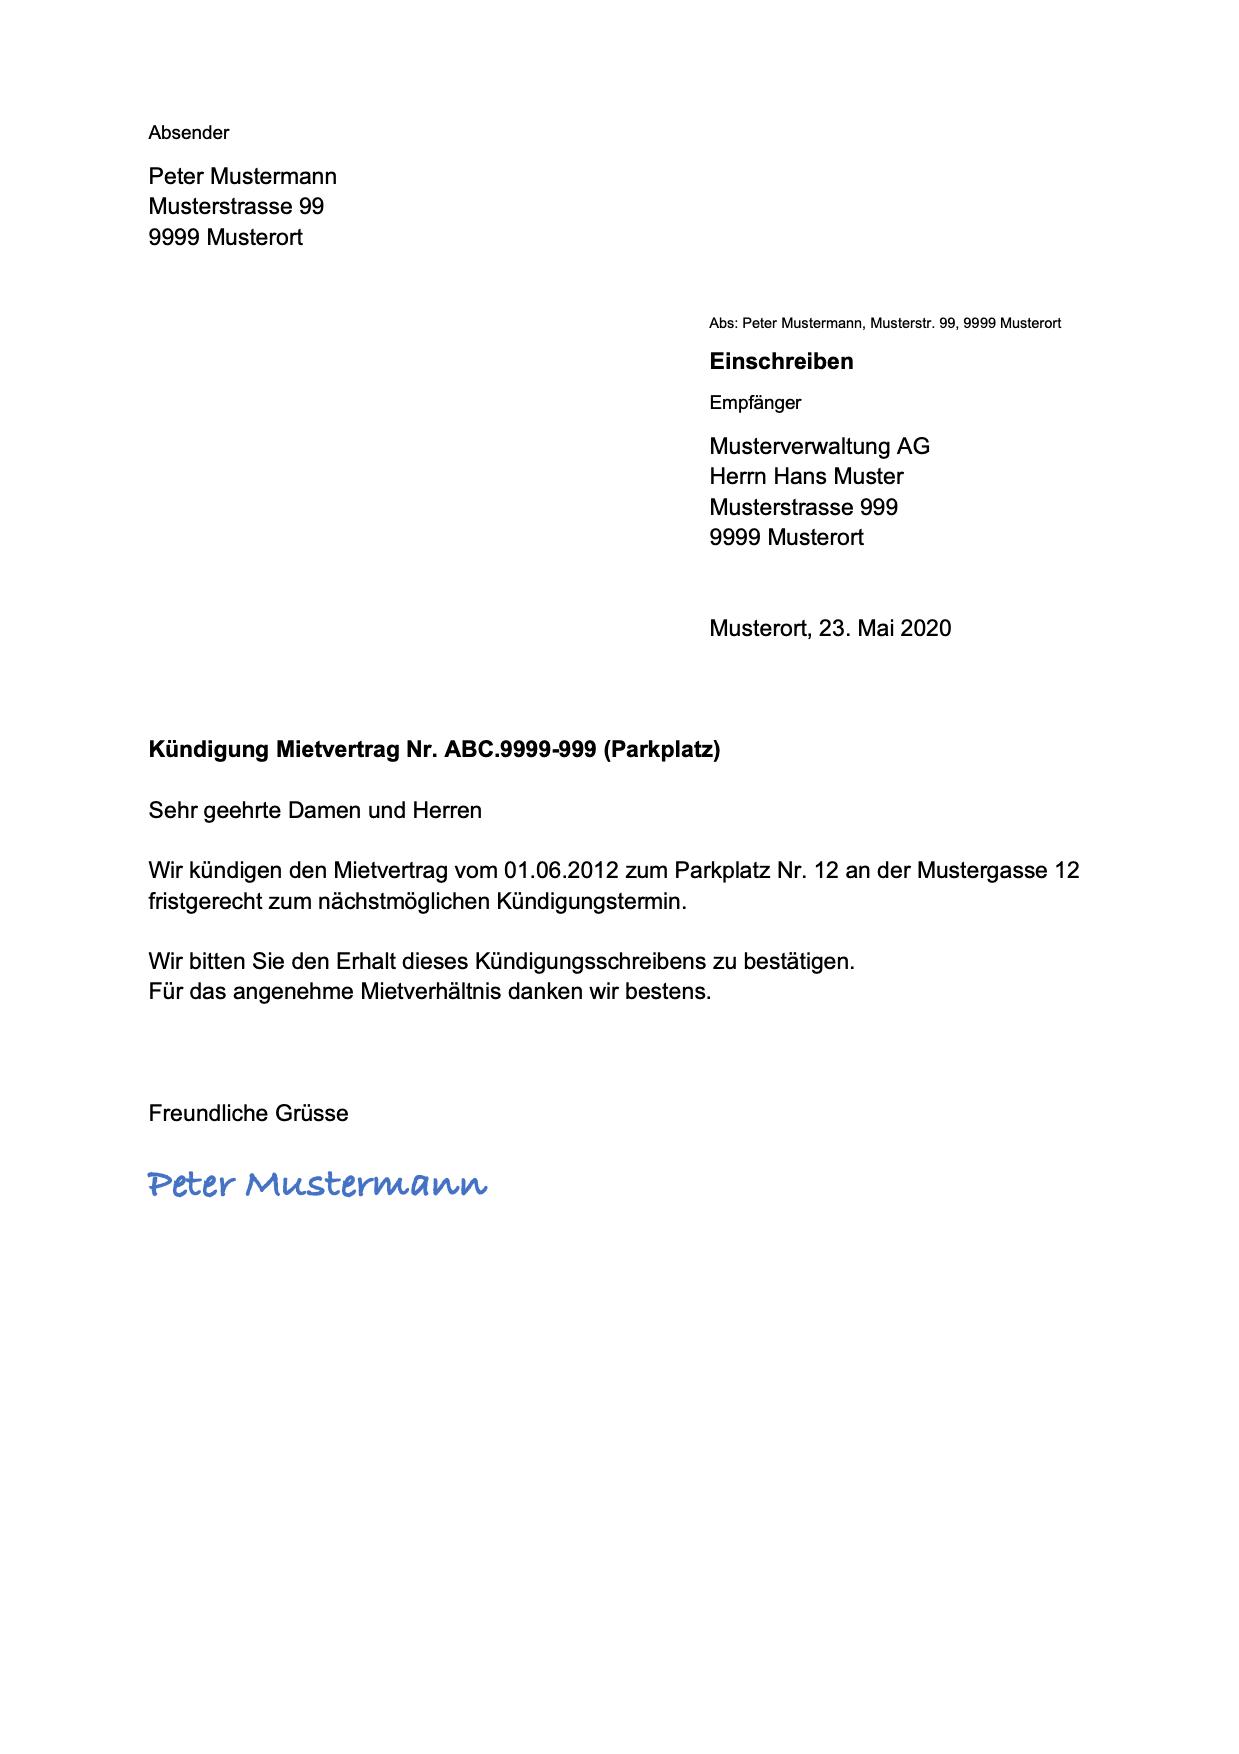 Kündigung Parkplatz Vorlage   gratis Word-Vorlage   Vorla.ch